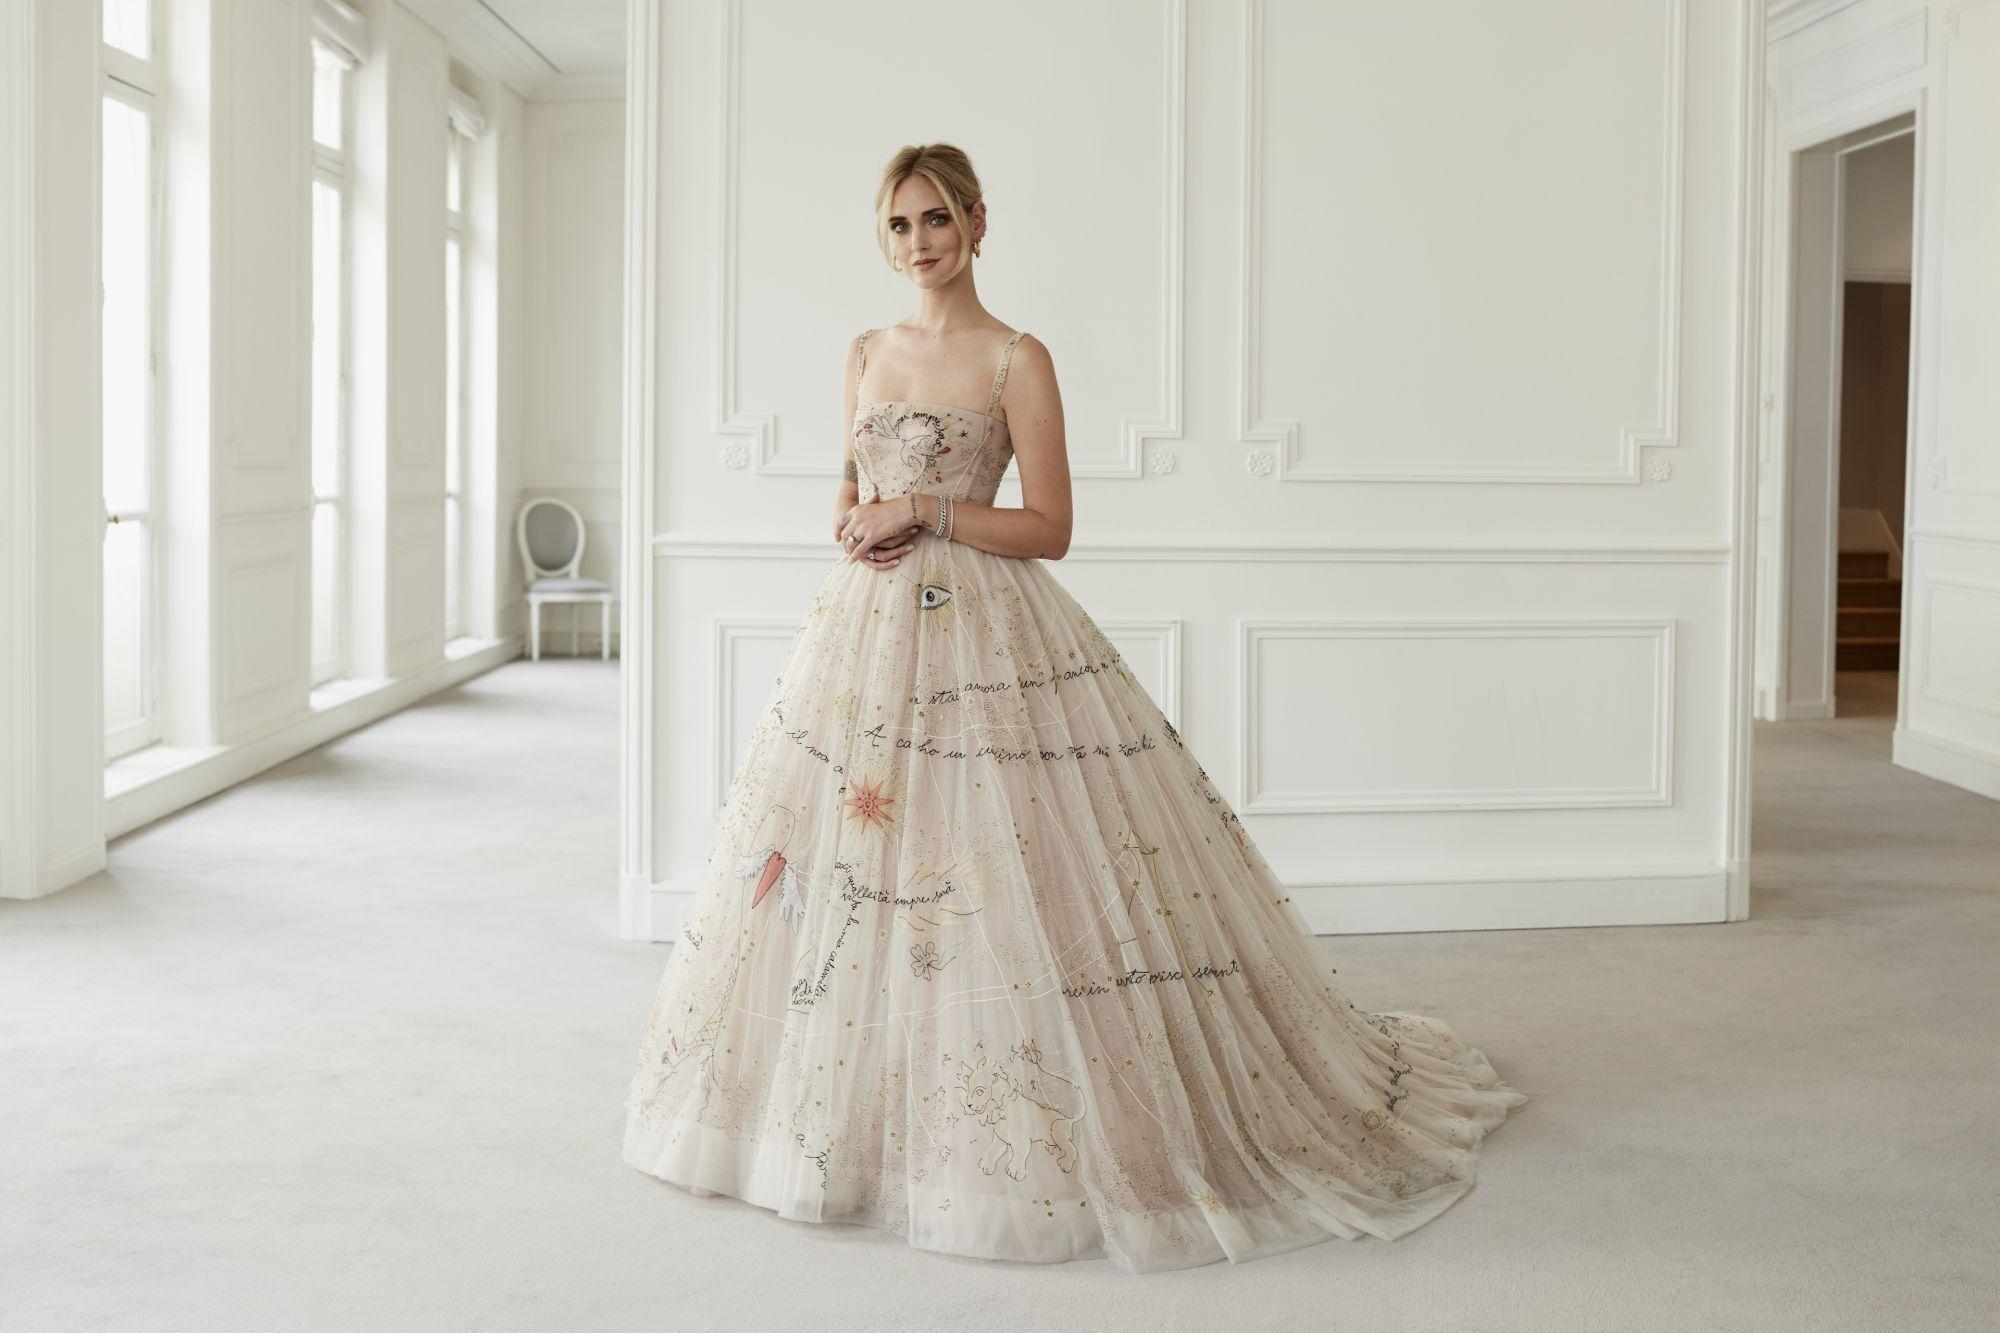 最美九月新娘!時尚部落客 Chiara Ferragni 身穿 Dior 訂製婚紗步上紅毯見證愛情